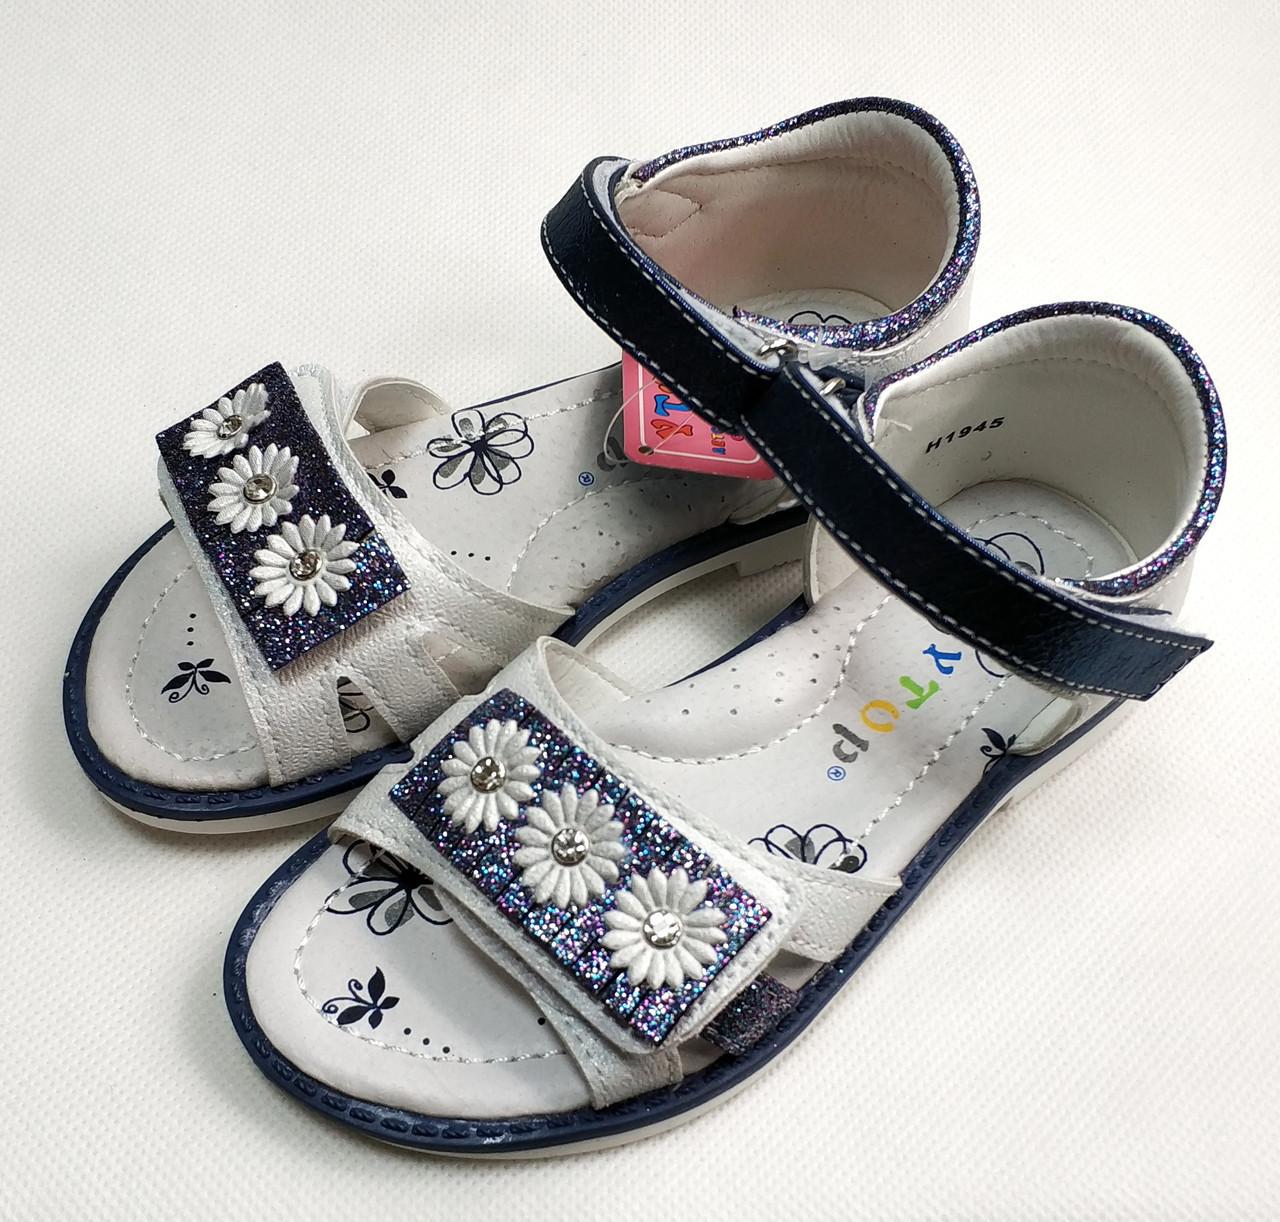 Детские босоножки сандалии сандали для девочки синяя ромашка y.top 28р